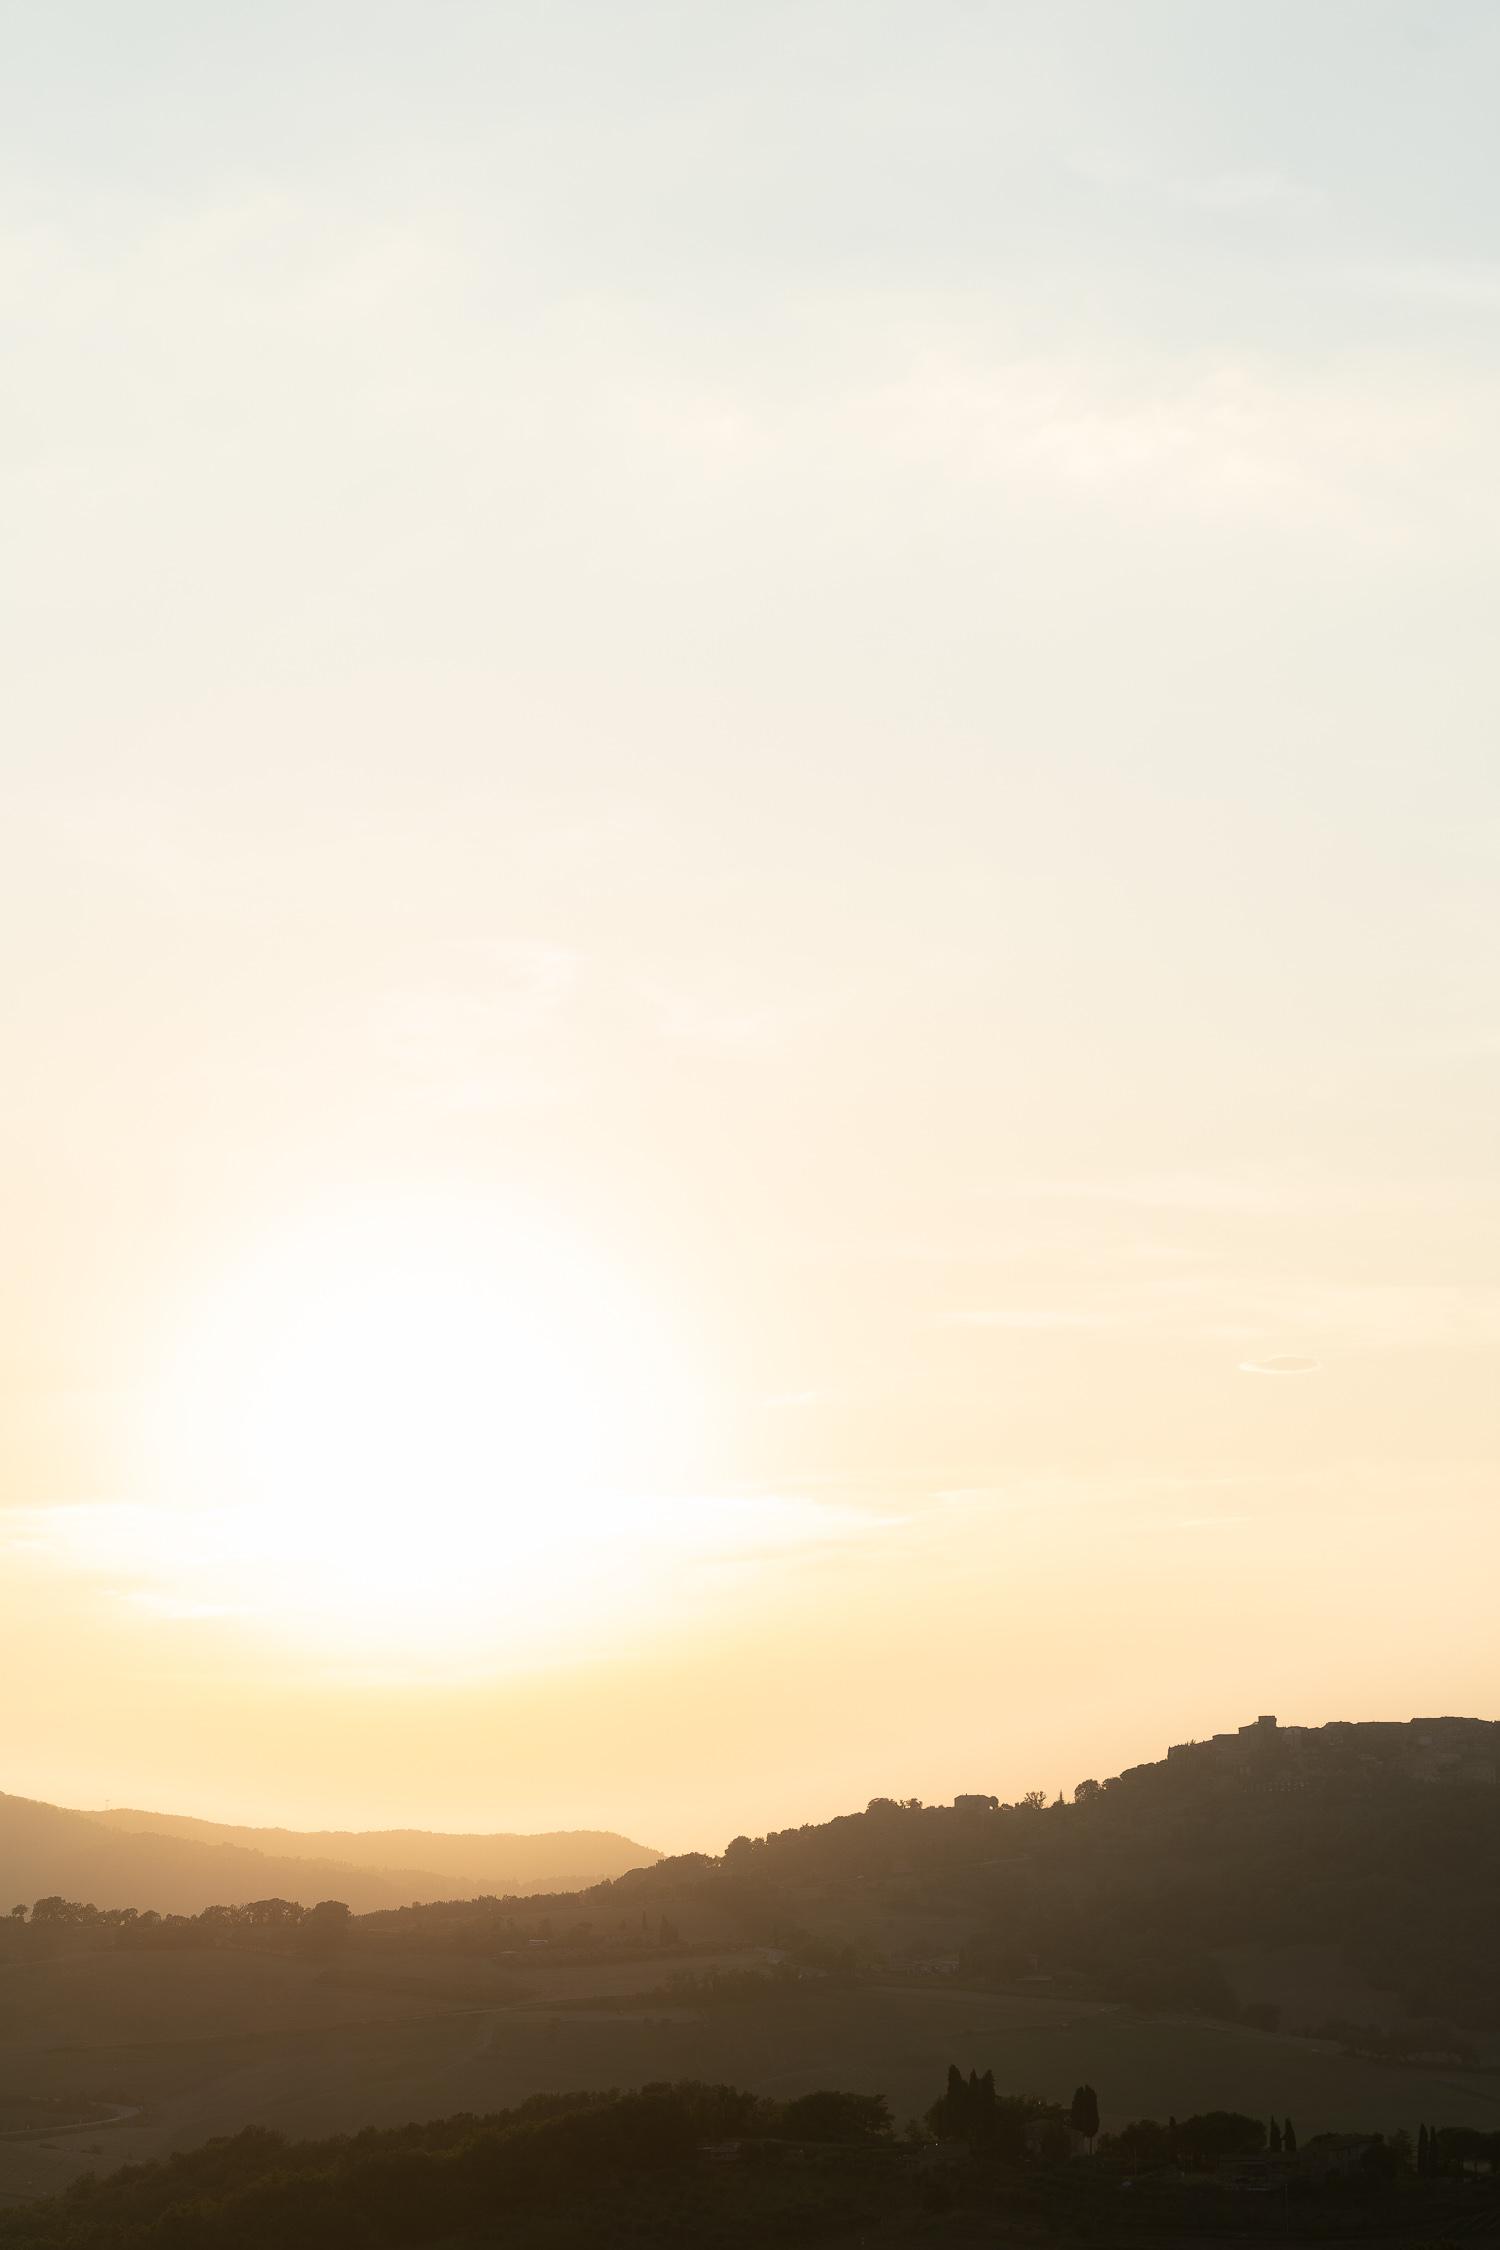 Tuscany-landscape-at-sunset-01877.jpg